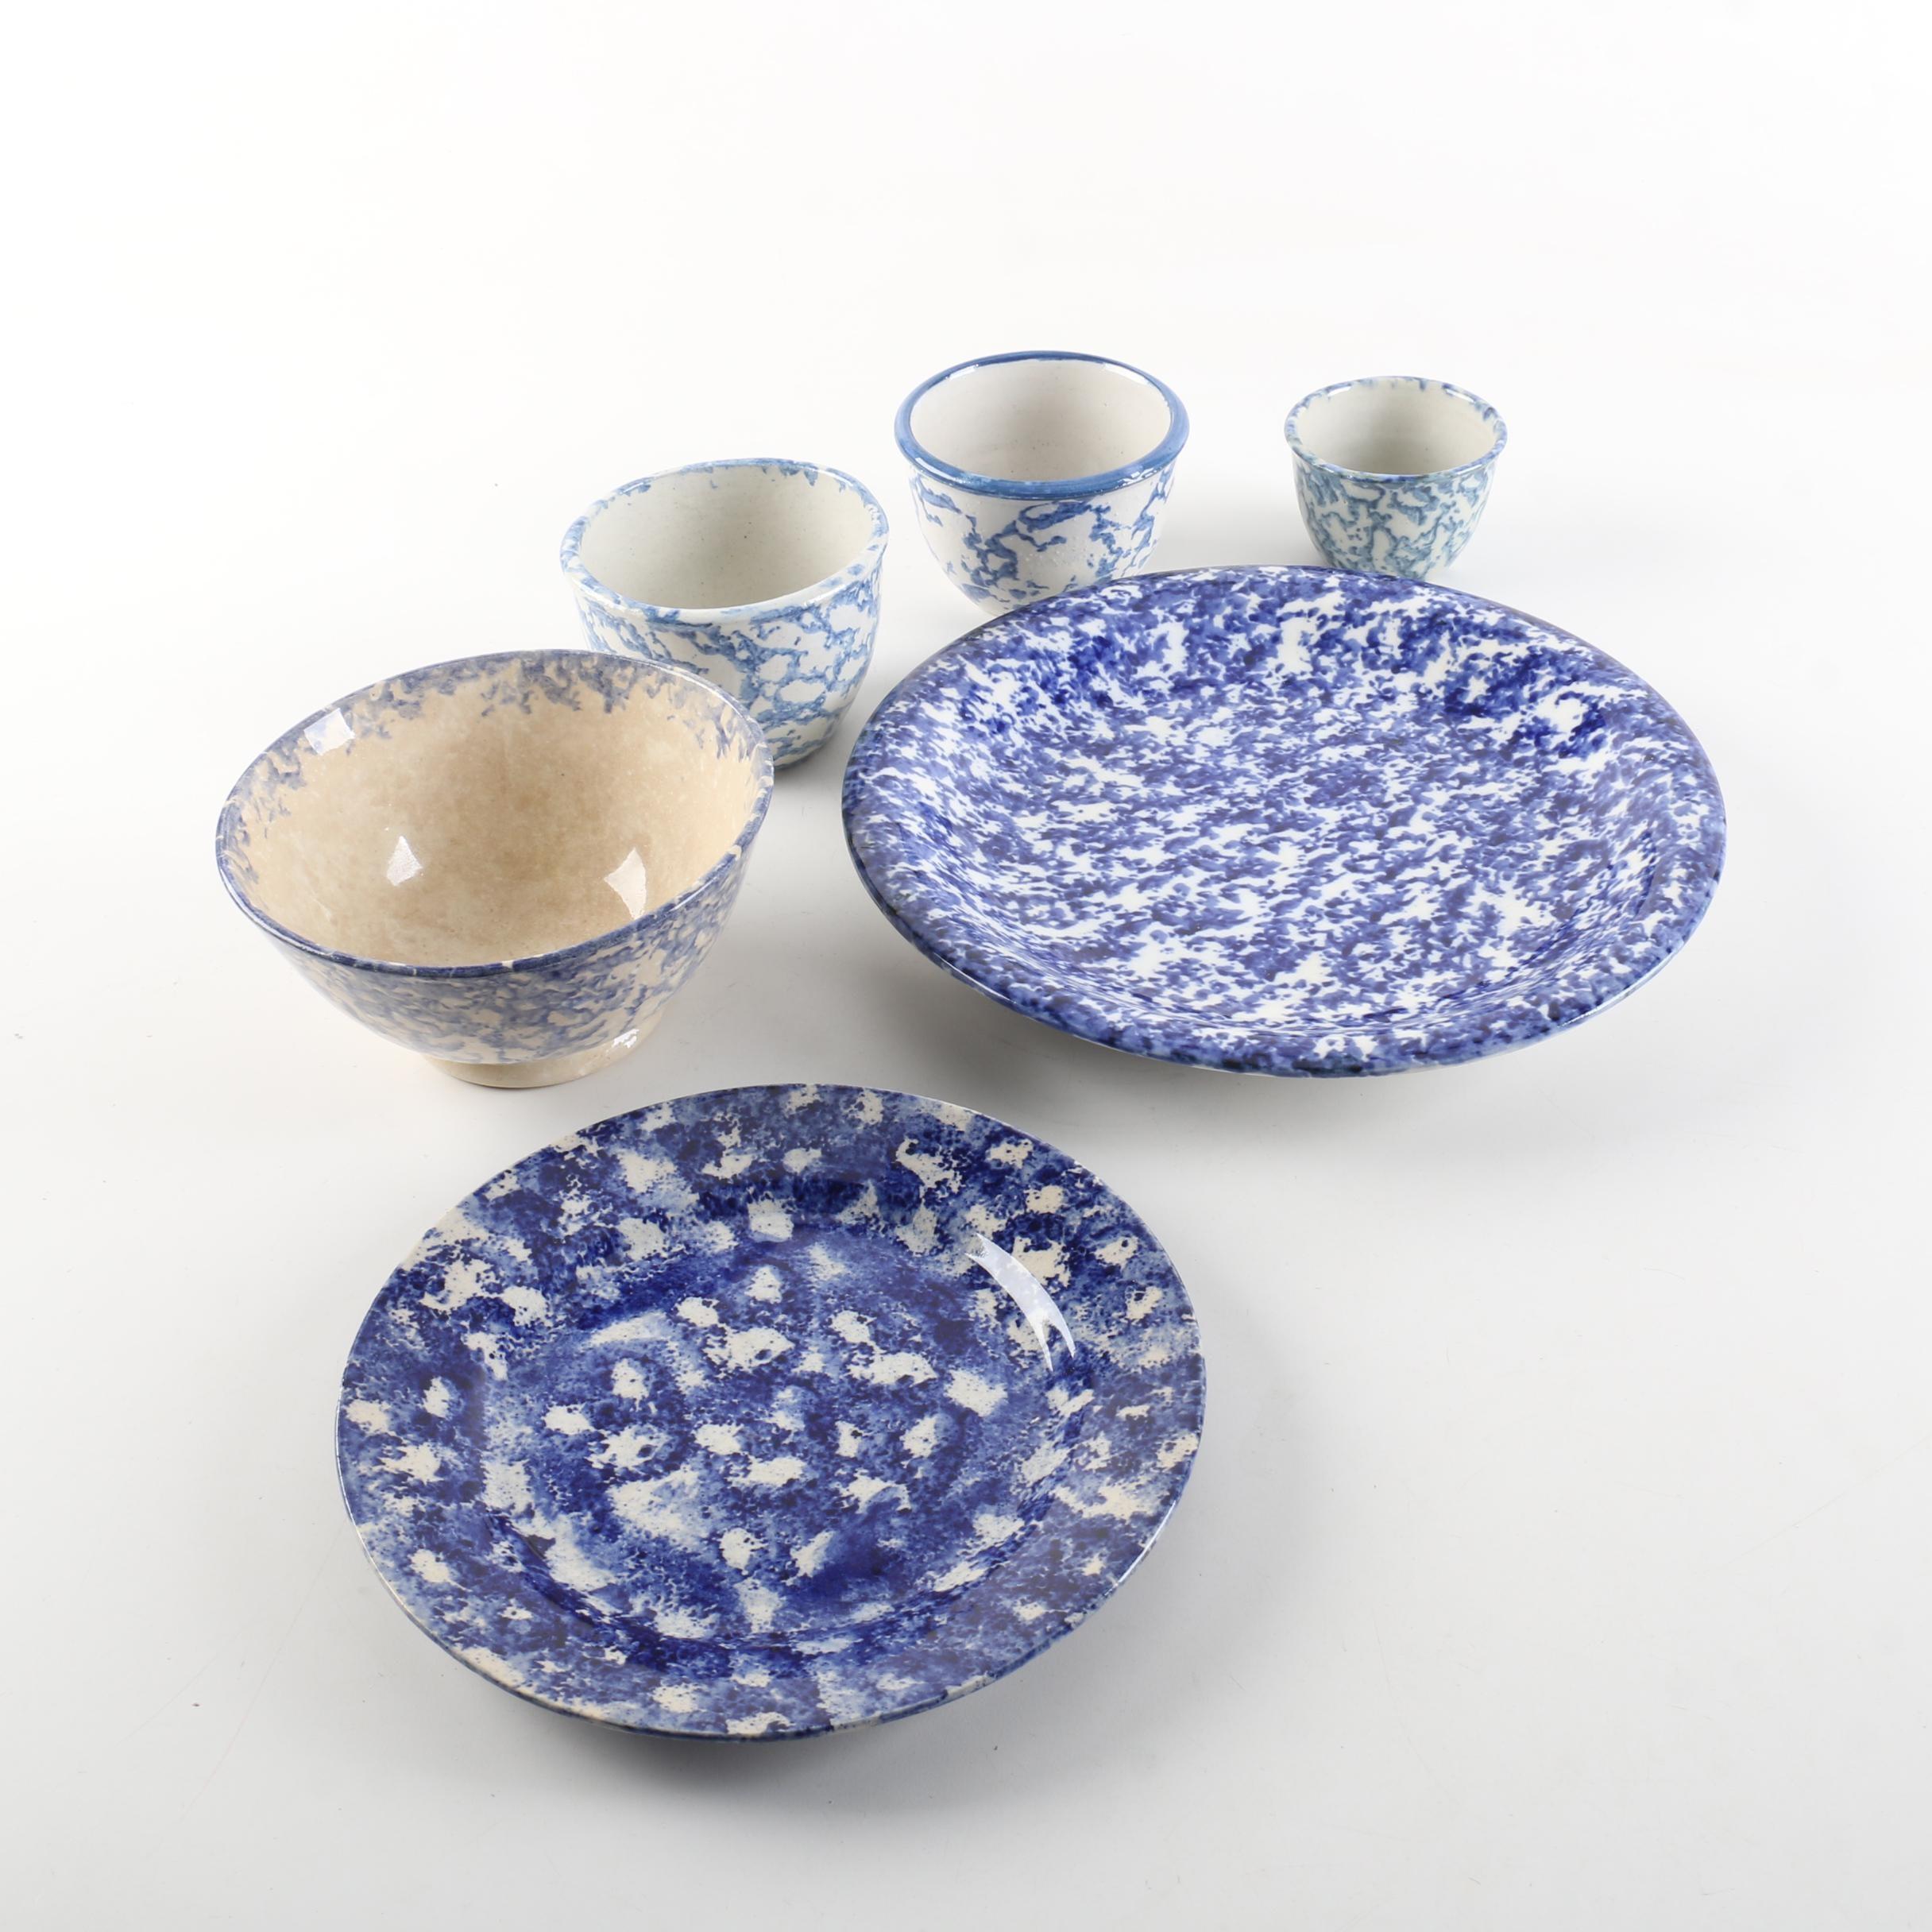 Bybee Style Spongeware Tableware